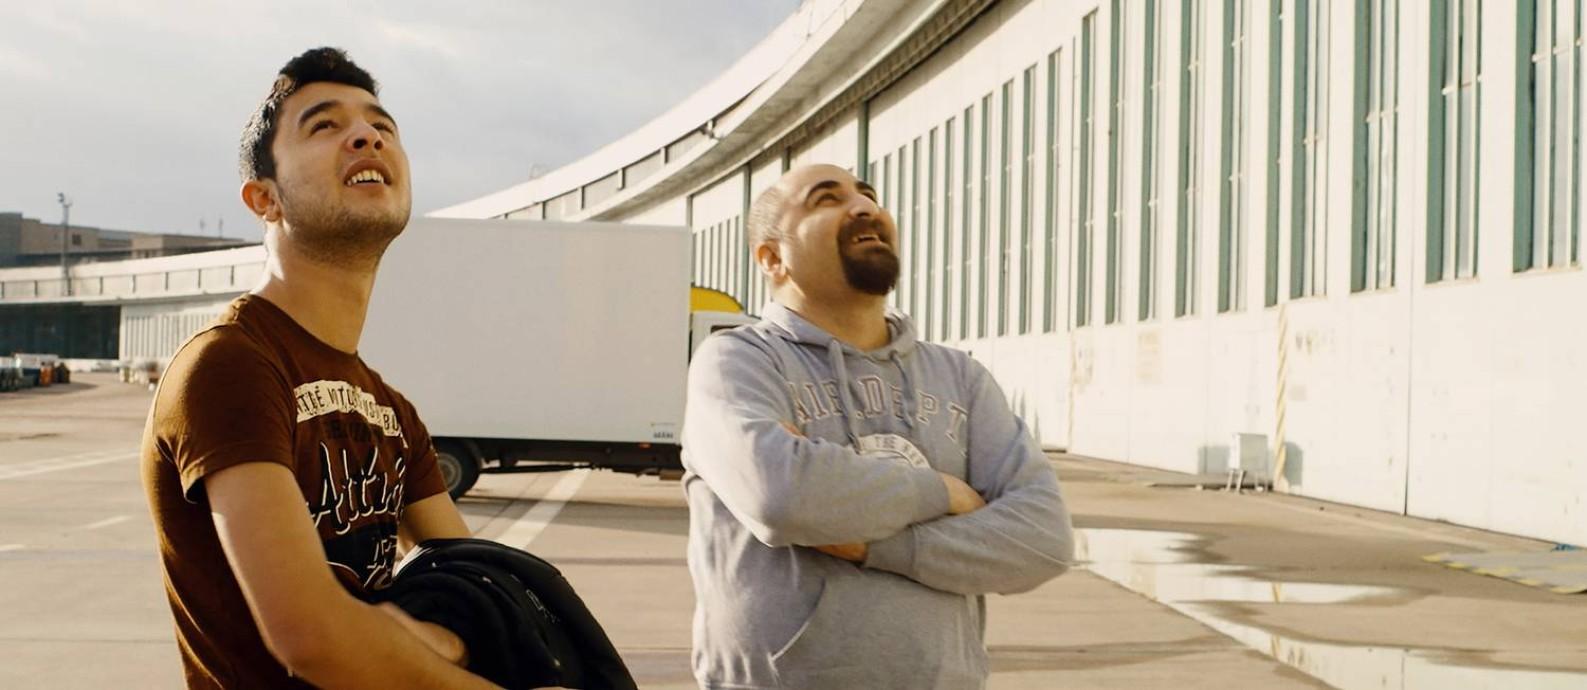 O estudante sírio Ibrahim Al Hussein e o fisioterapeuta iraquiano Qutaiba Nafea protagonizam o documentário 'Aeroporto central' Foto: Divulgação